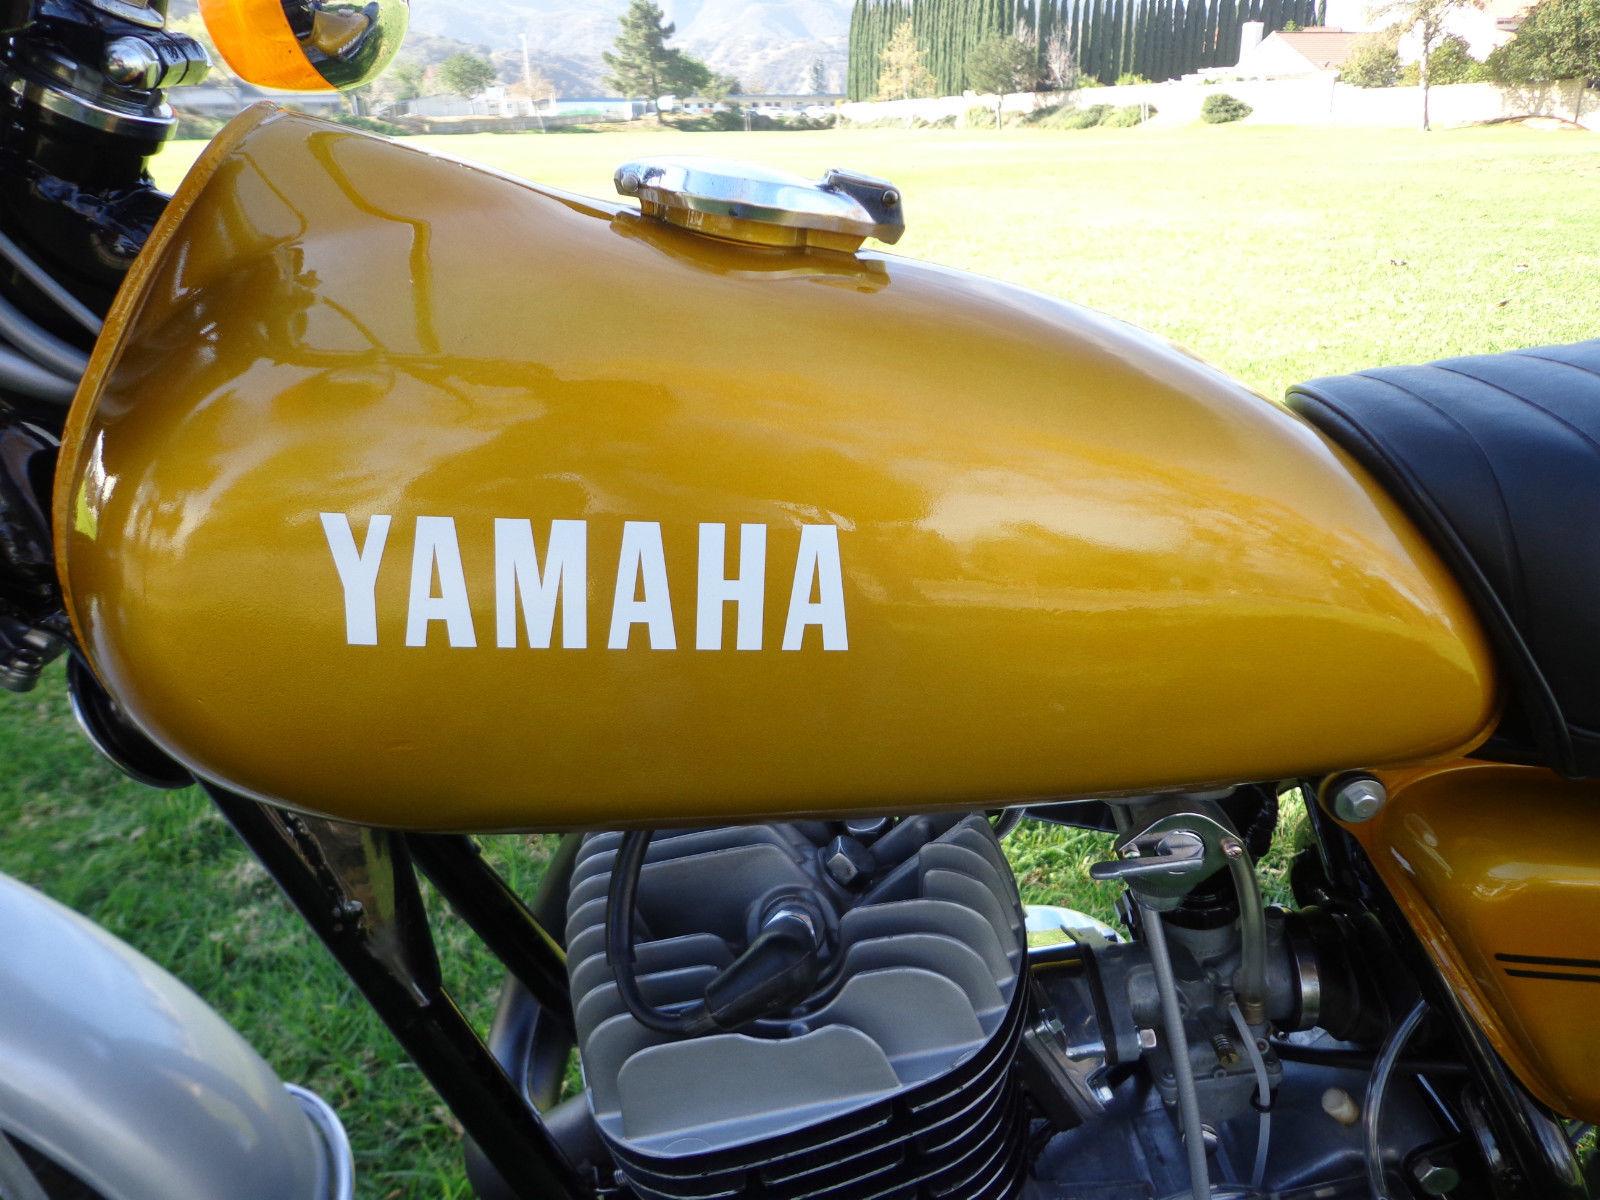 Yamaha DT250 - 1972 - Cylinder Head, Gas Tank, Yamaha Badge and Head.